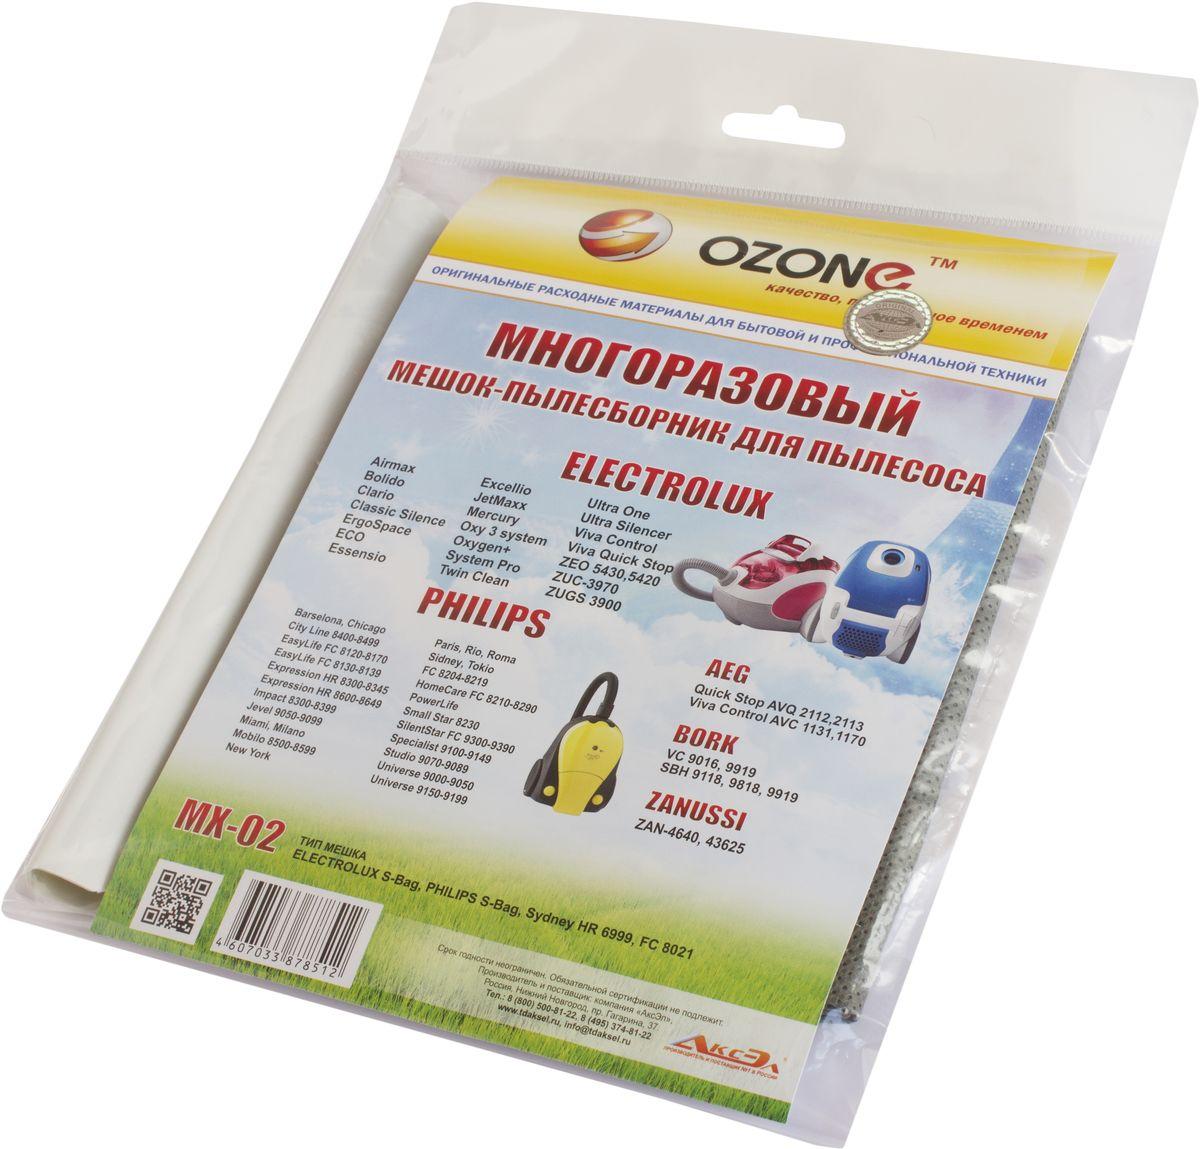 Ozone MX-02 пылесборник